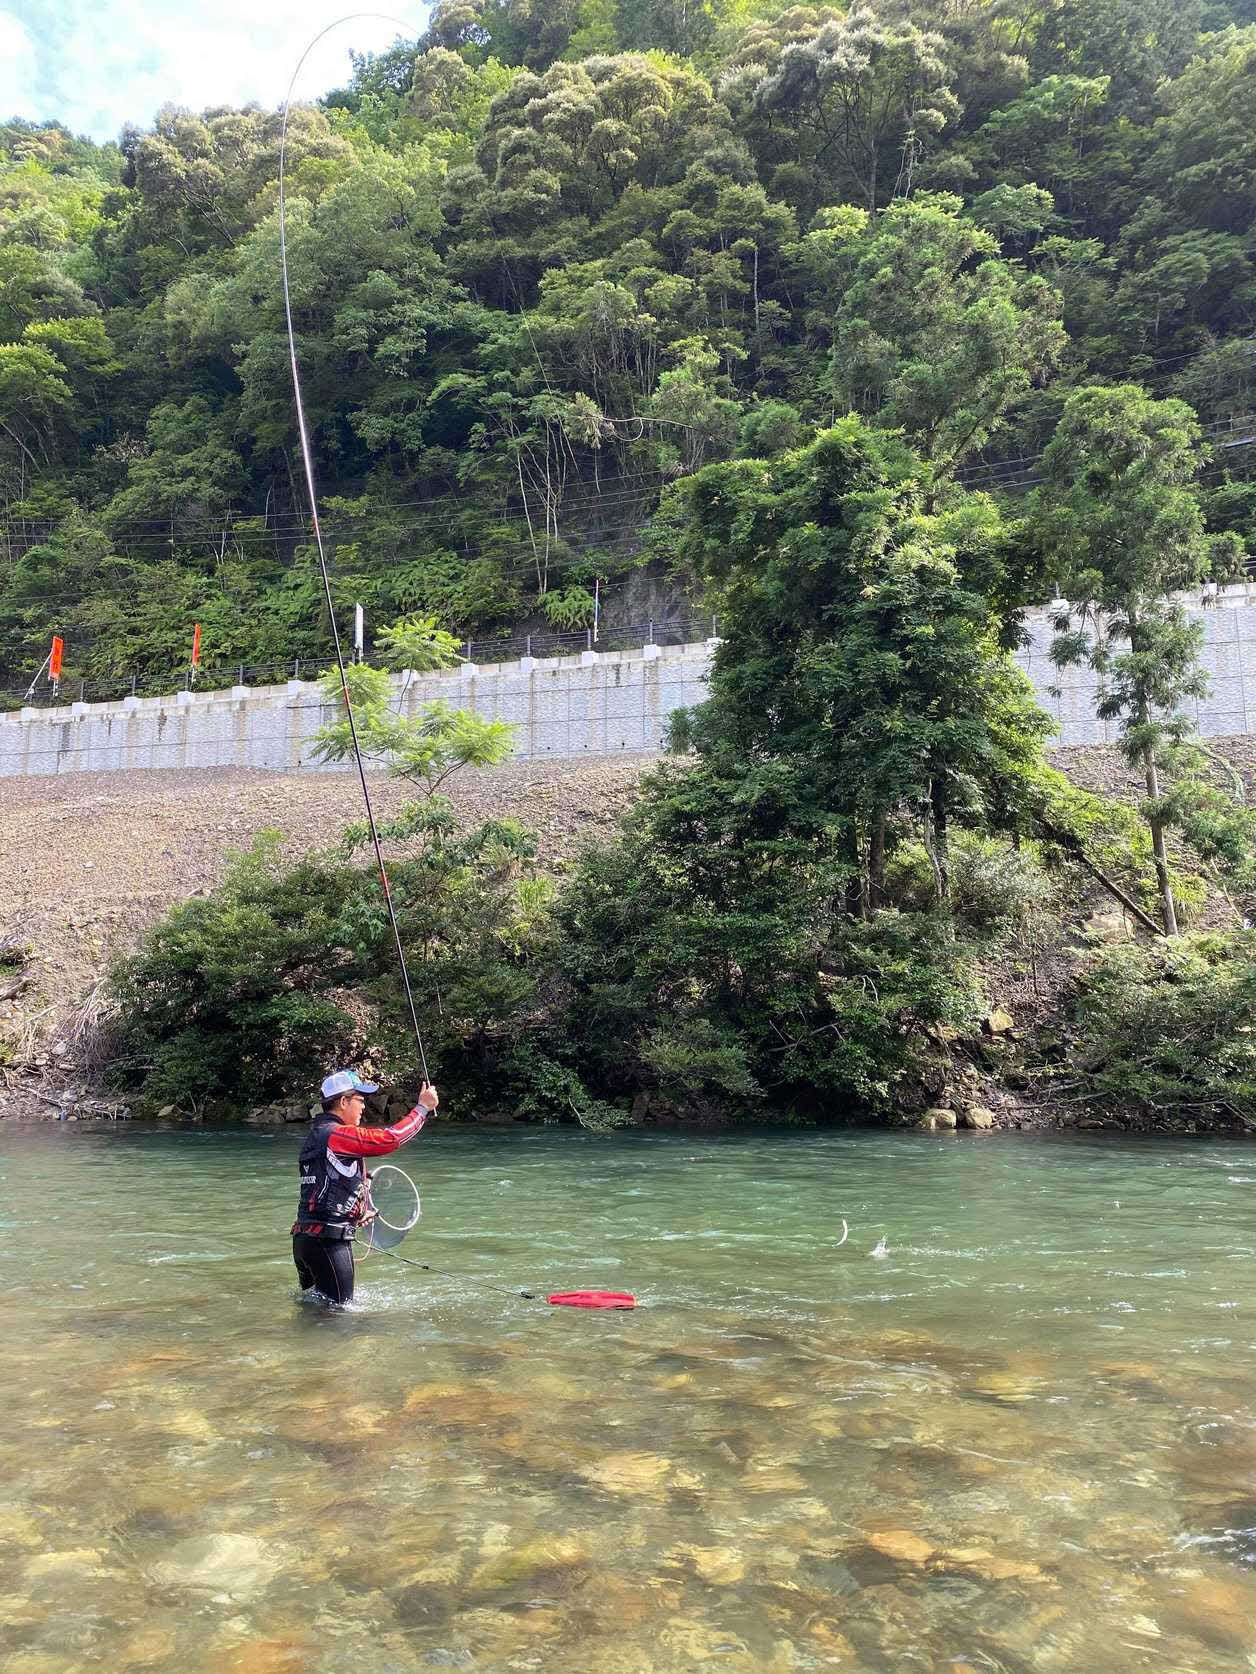 引き泳がせ釣りで次々に野アユを掛けていく筆者